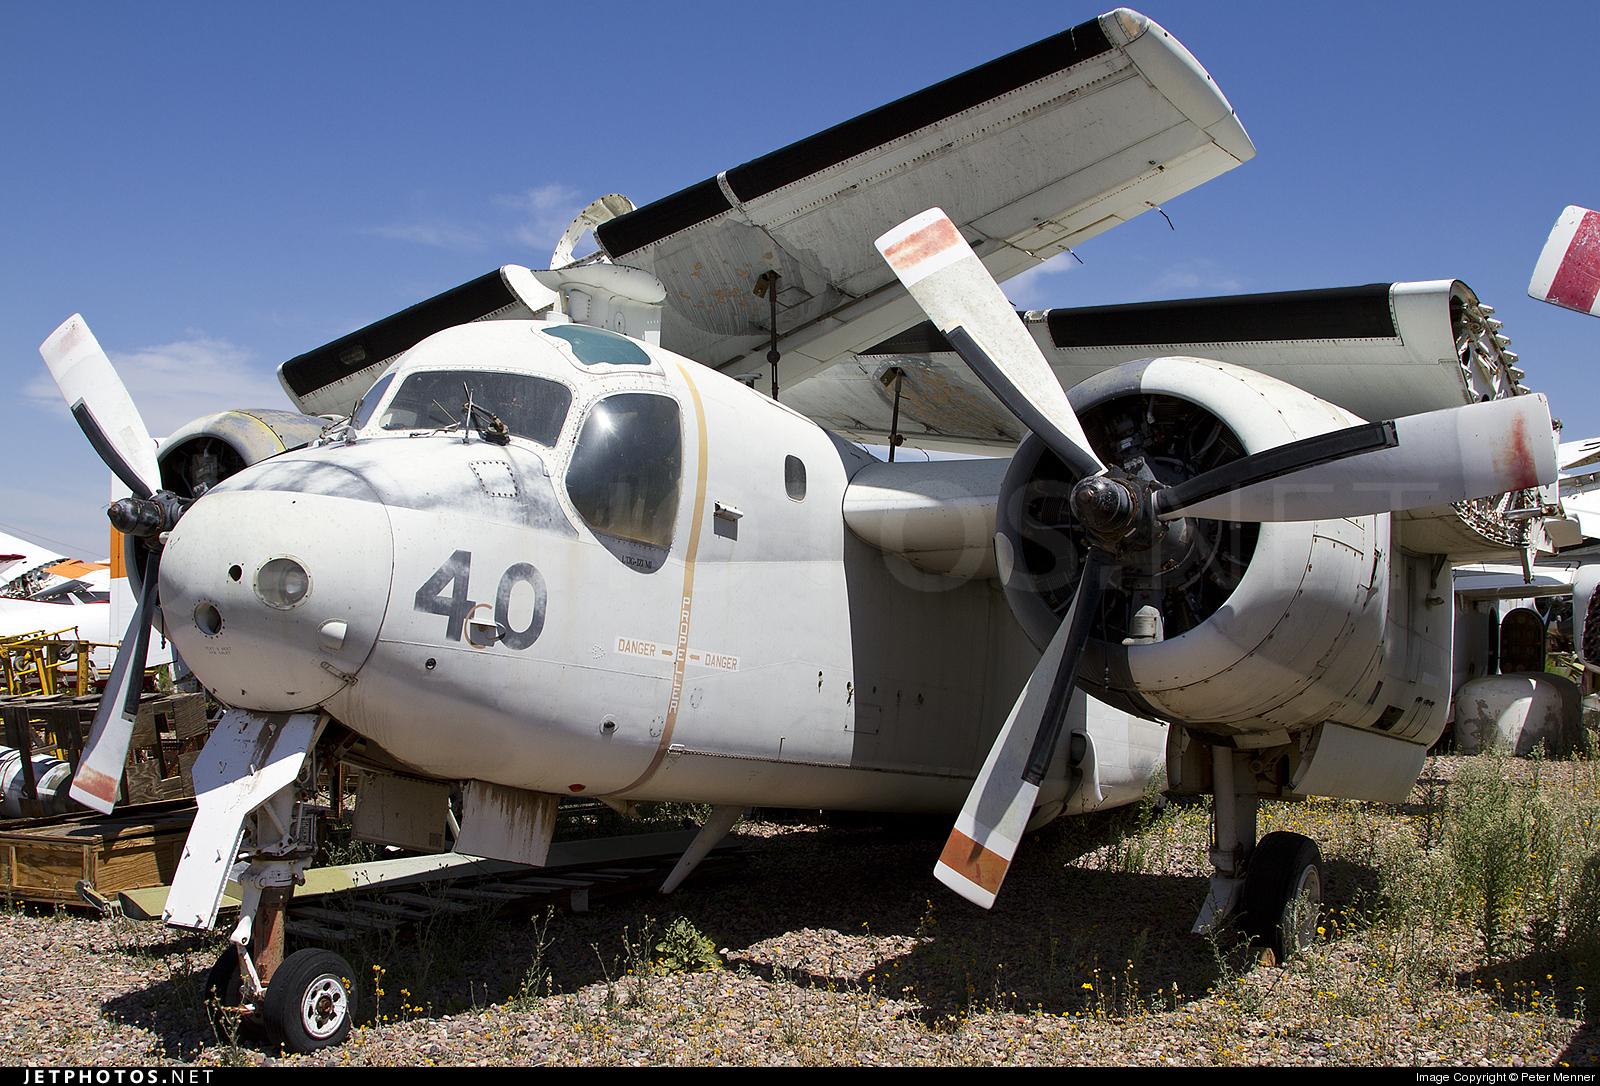 136737 - Grumman S-2F-1 Tracker - United States - US Navy (USN)